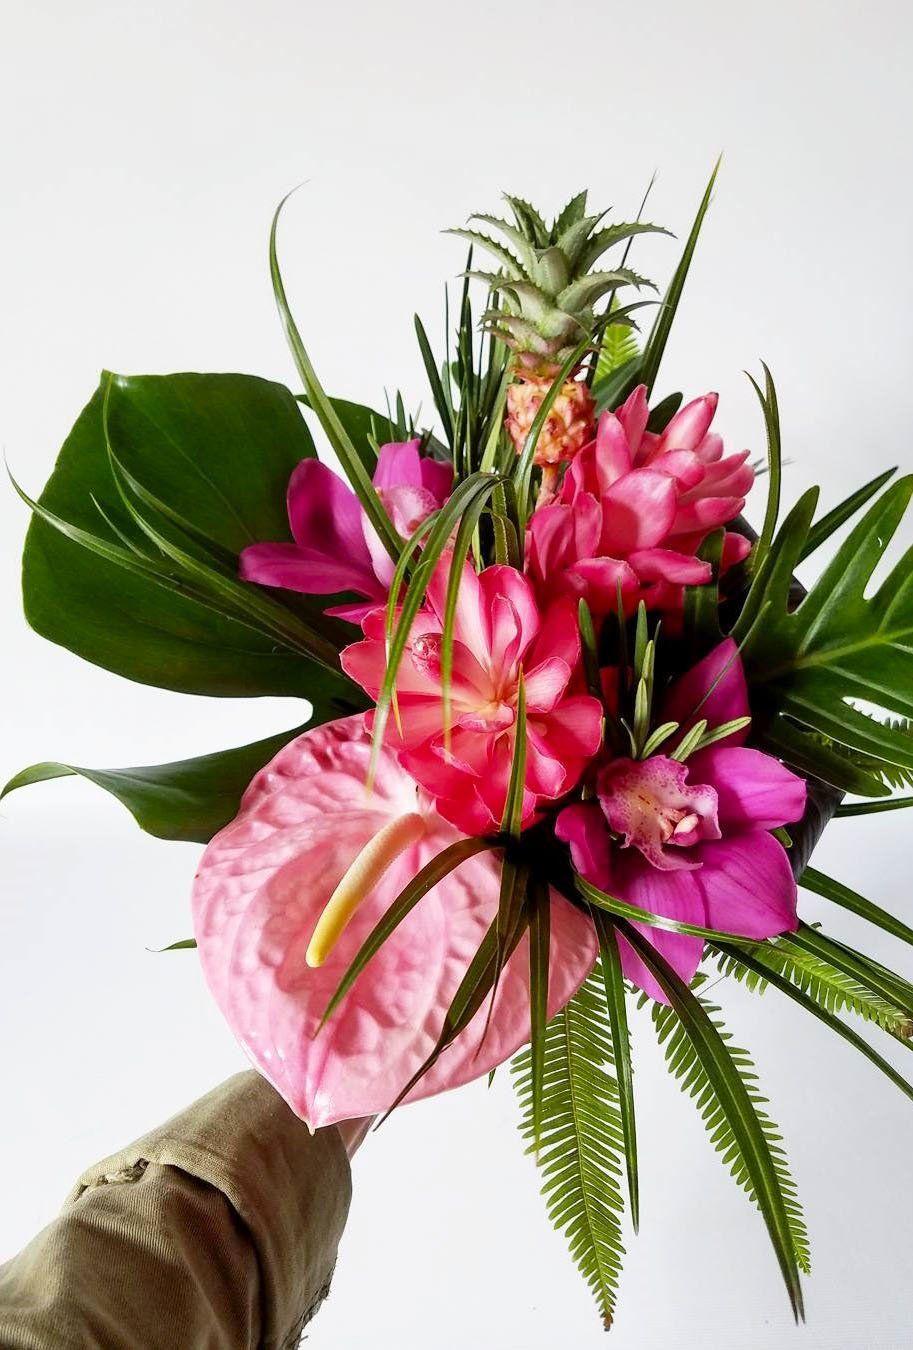 15 Tropical Wedding Bouquets Ideas Wedding Forward Tropical Flowers Bouquet Tropical Wedding Bouquets Tropical Wedding Flowers